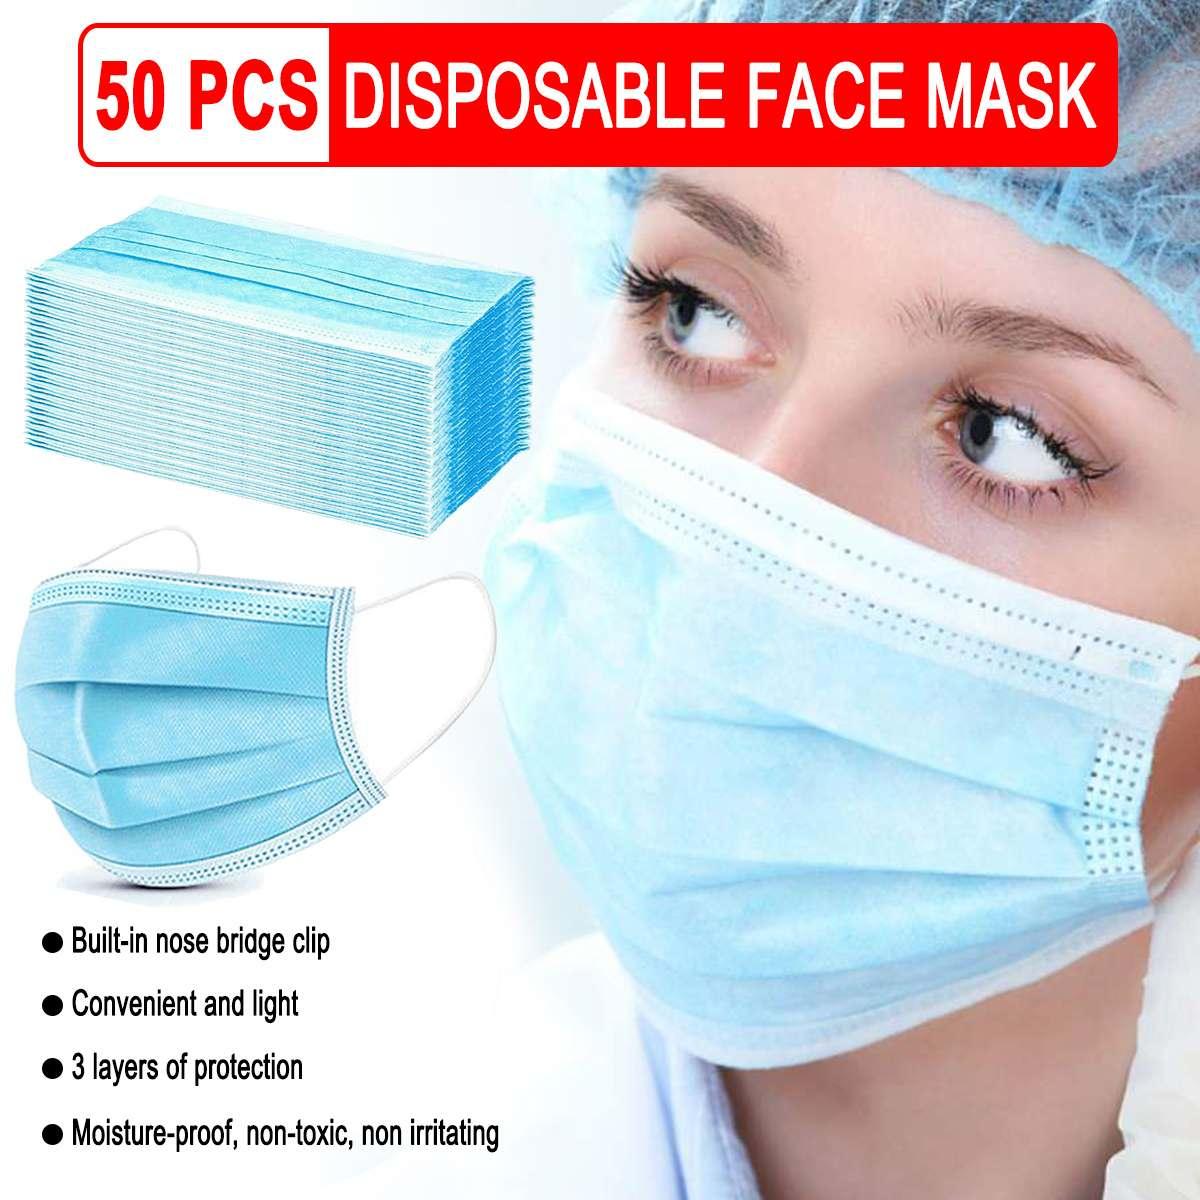 50 шт., K94/N95/N90 9334 FFP3, противогаз, фильтр для Anti PM2.5, масляные нежирные частицы, безопасный респиратор, защитная маска, Дымчатая погода|Маски| | - AliExpress